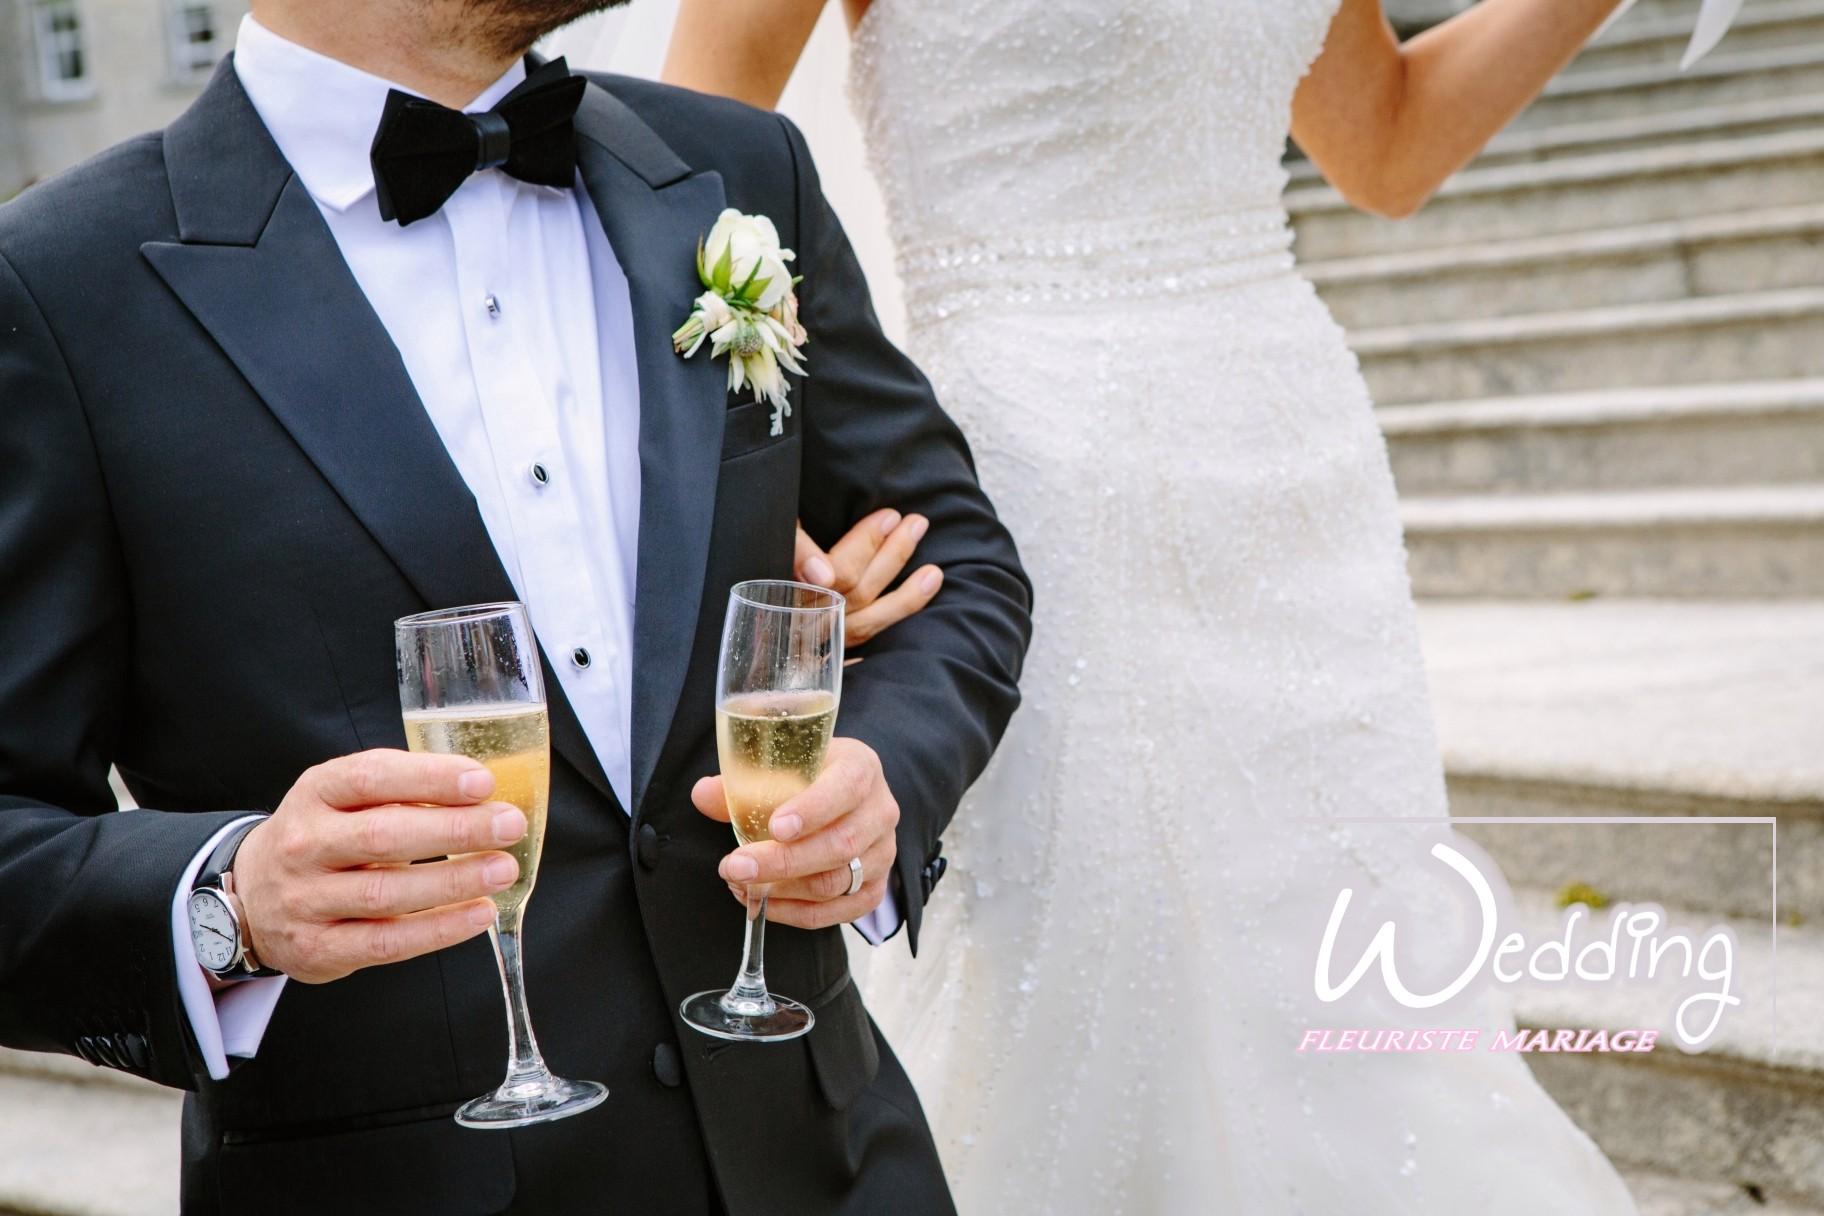 BOUTONNIÈRE DU MARIÉ CARROS - WEDDING FLEURISTE MARIAGE CARROS